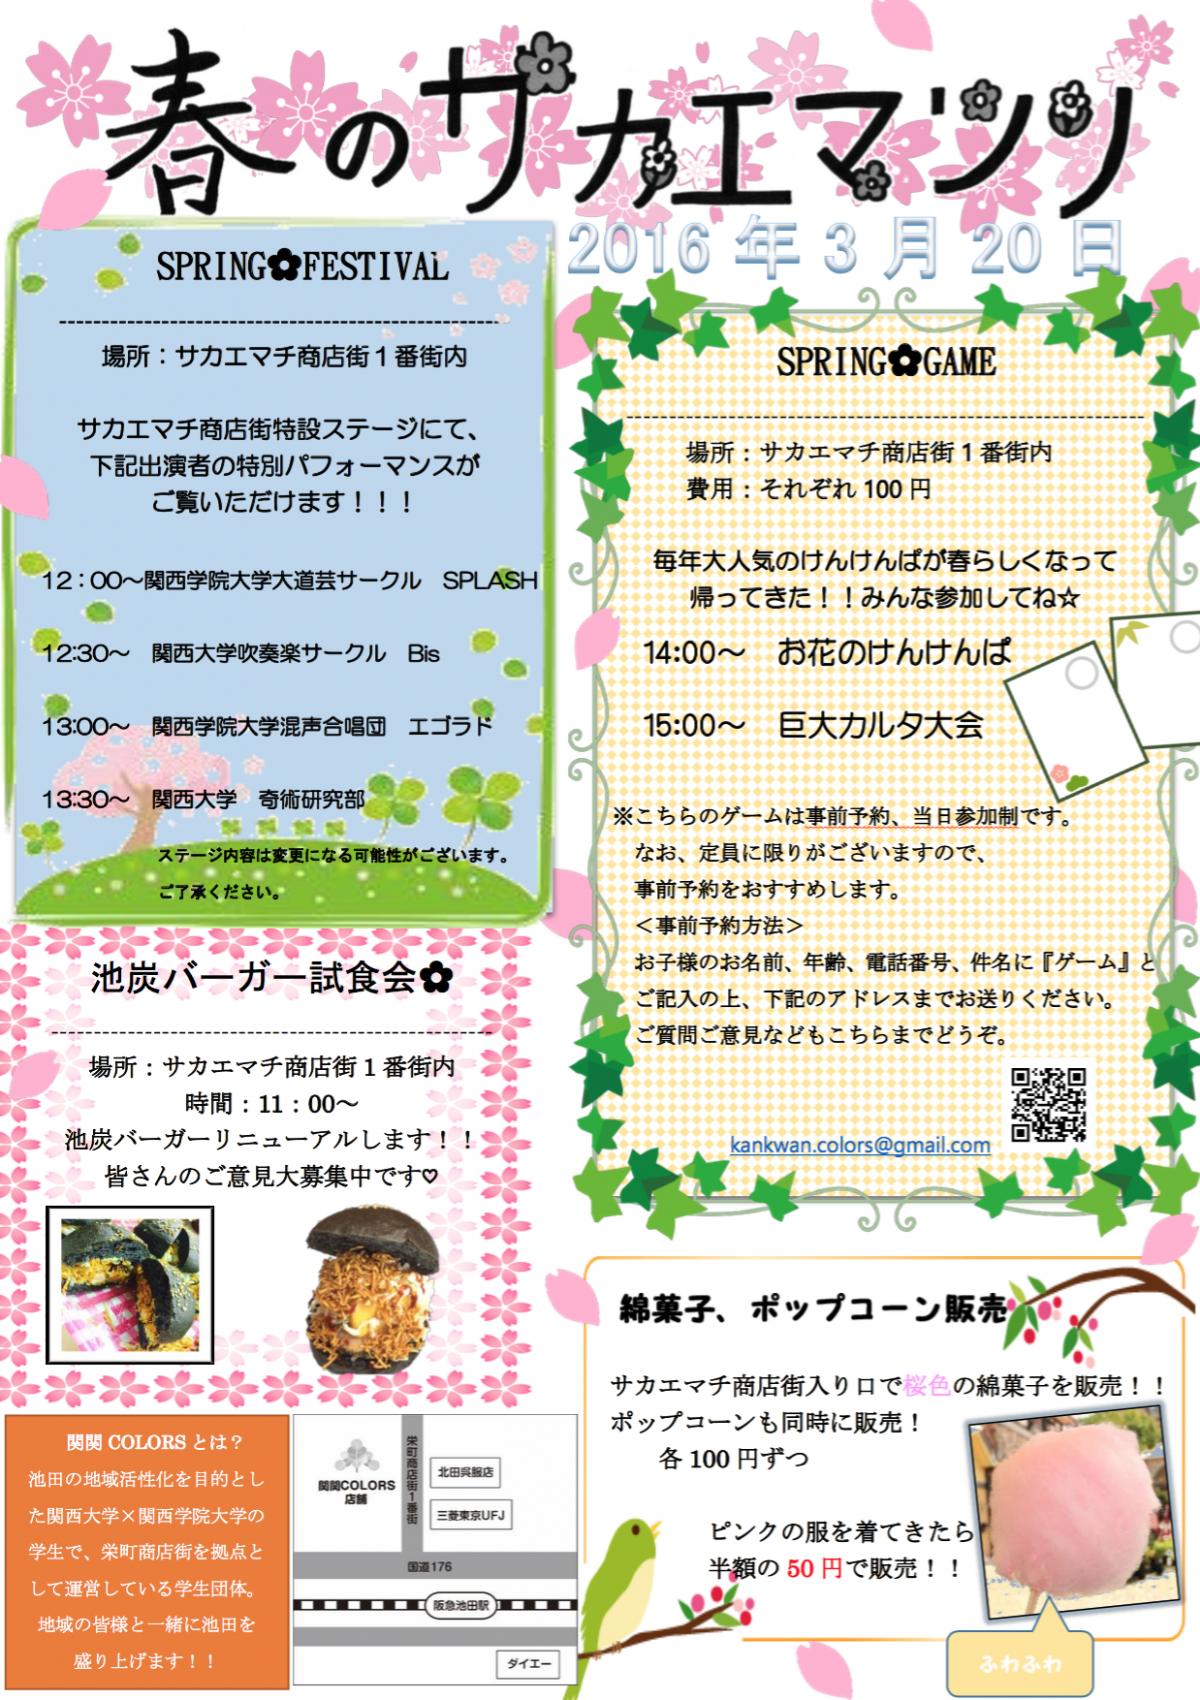 池田の地域活性化に取り組む関西大学×関西学院大学の学生団体、関関COLORSが、春のサカエマツリを開催します!